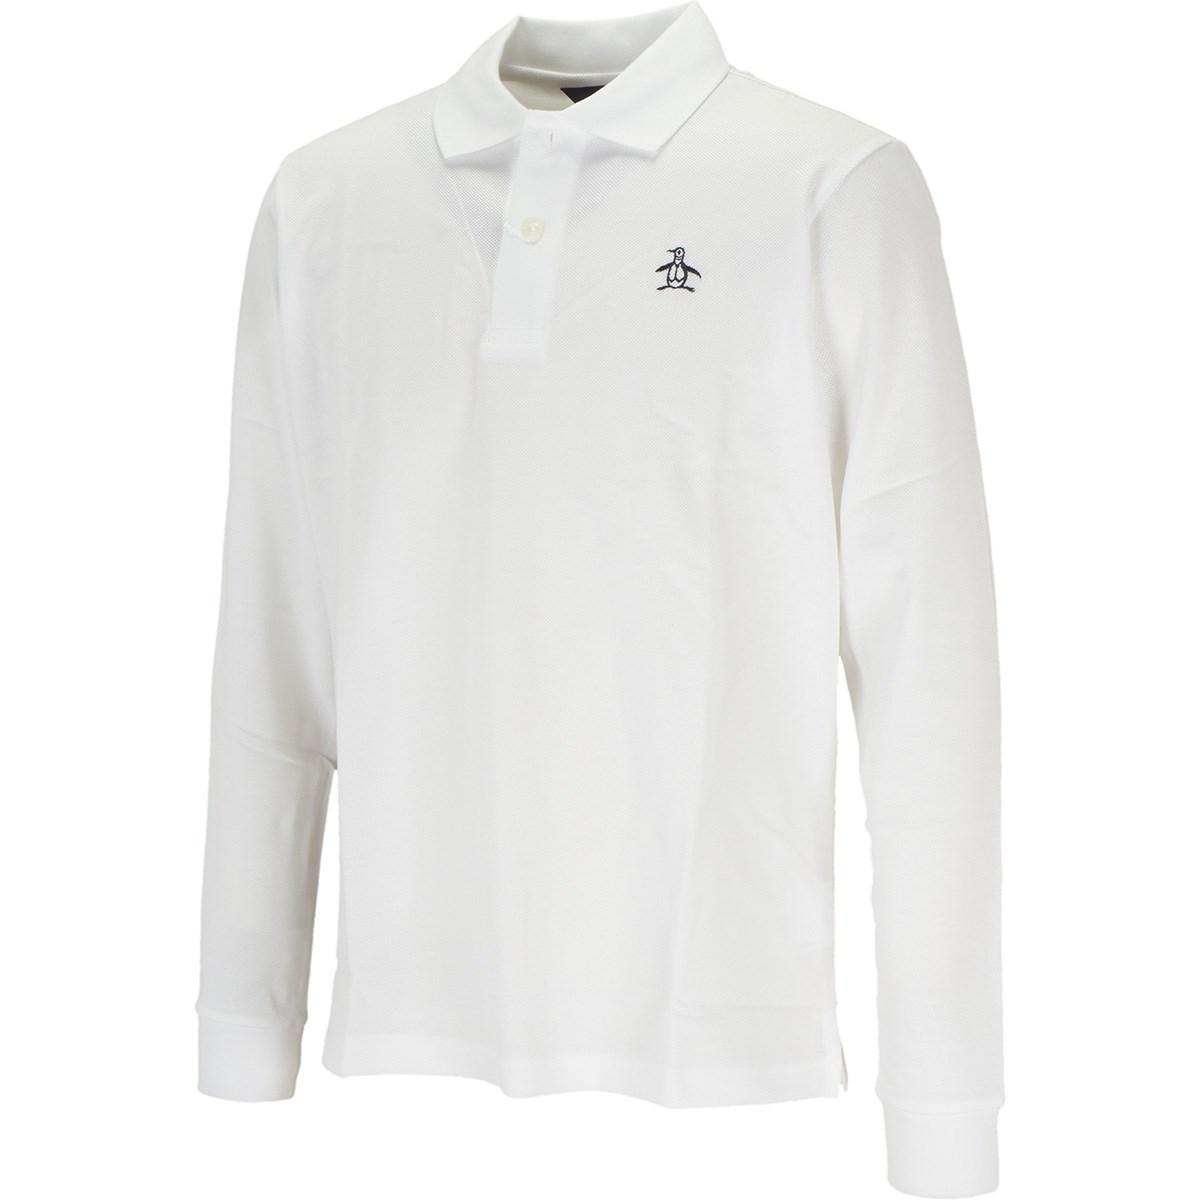 マンシングウェア Munsingwear ONE THING マナードリトルピート 長袖ポロシャツ L ホワイト 00